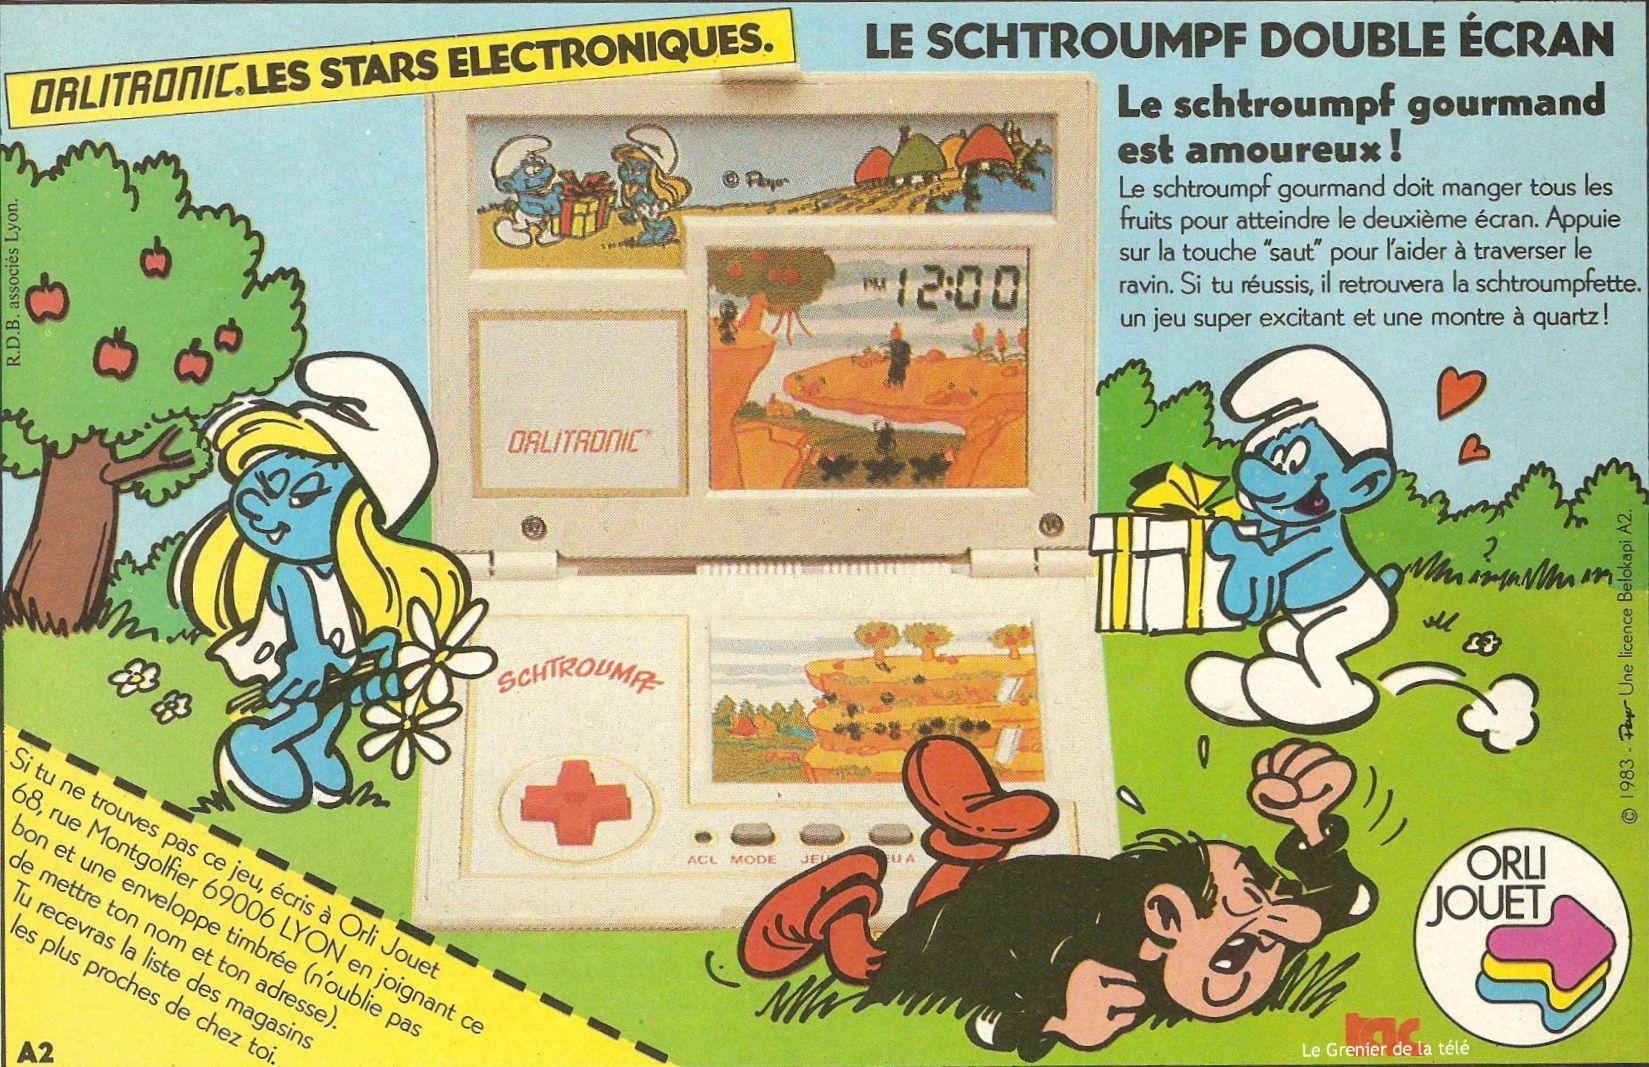 http://grenierdelatv.free.fr/schtroumpfsorlitronicdec1984.jpg